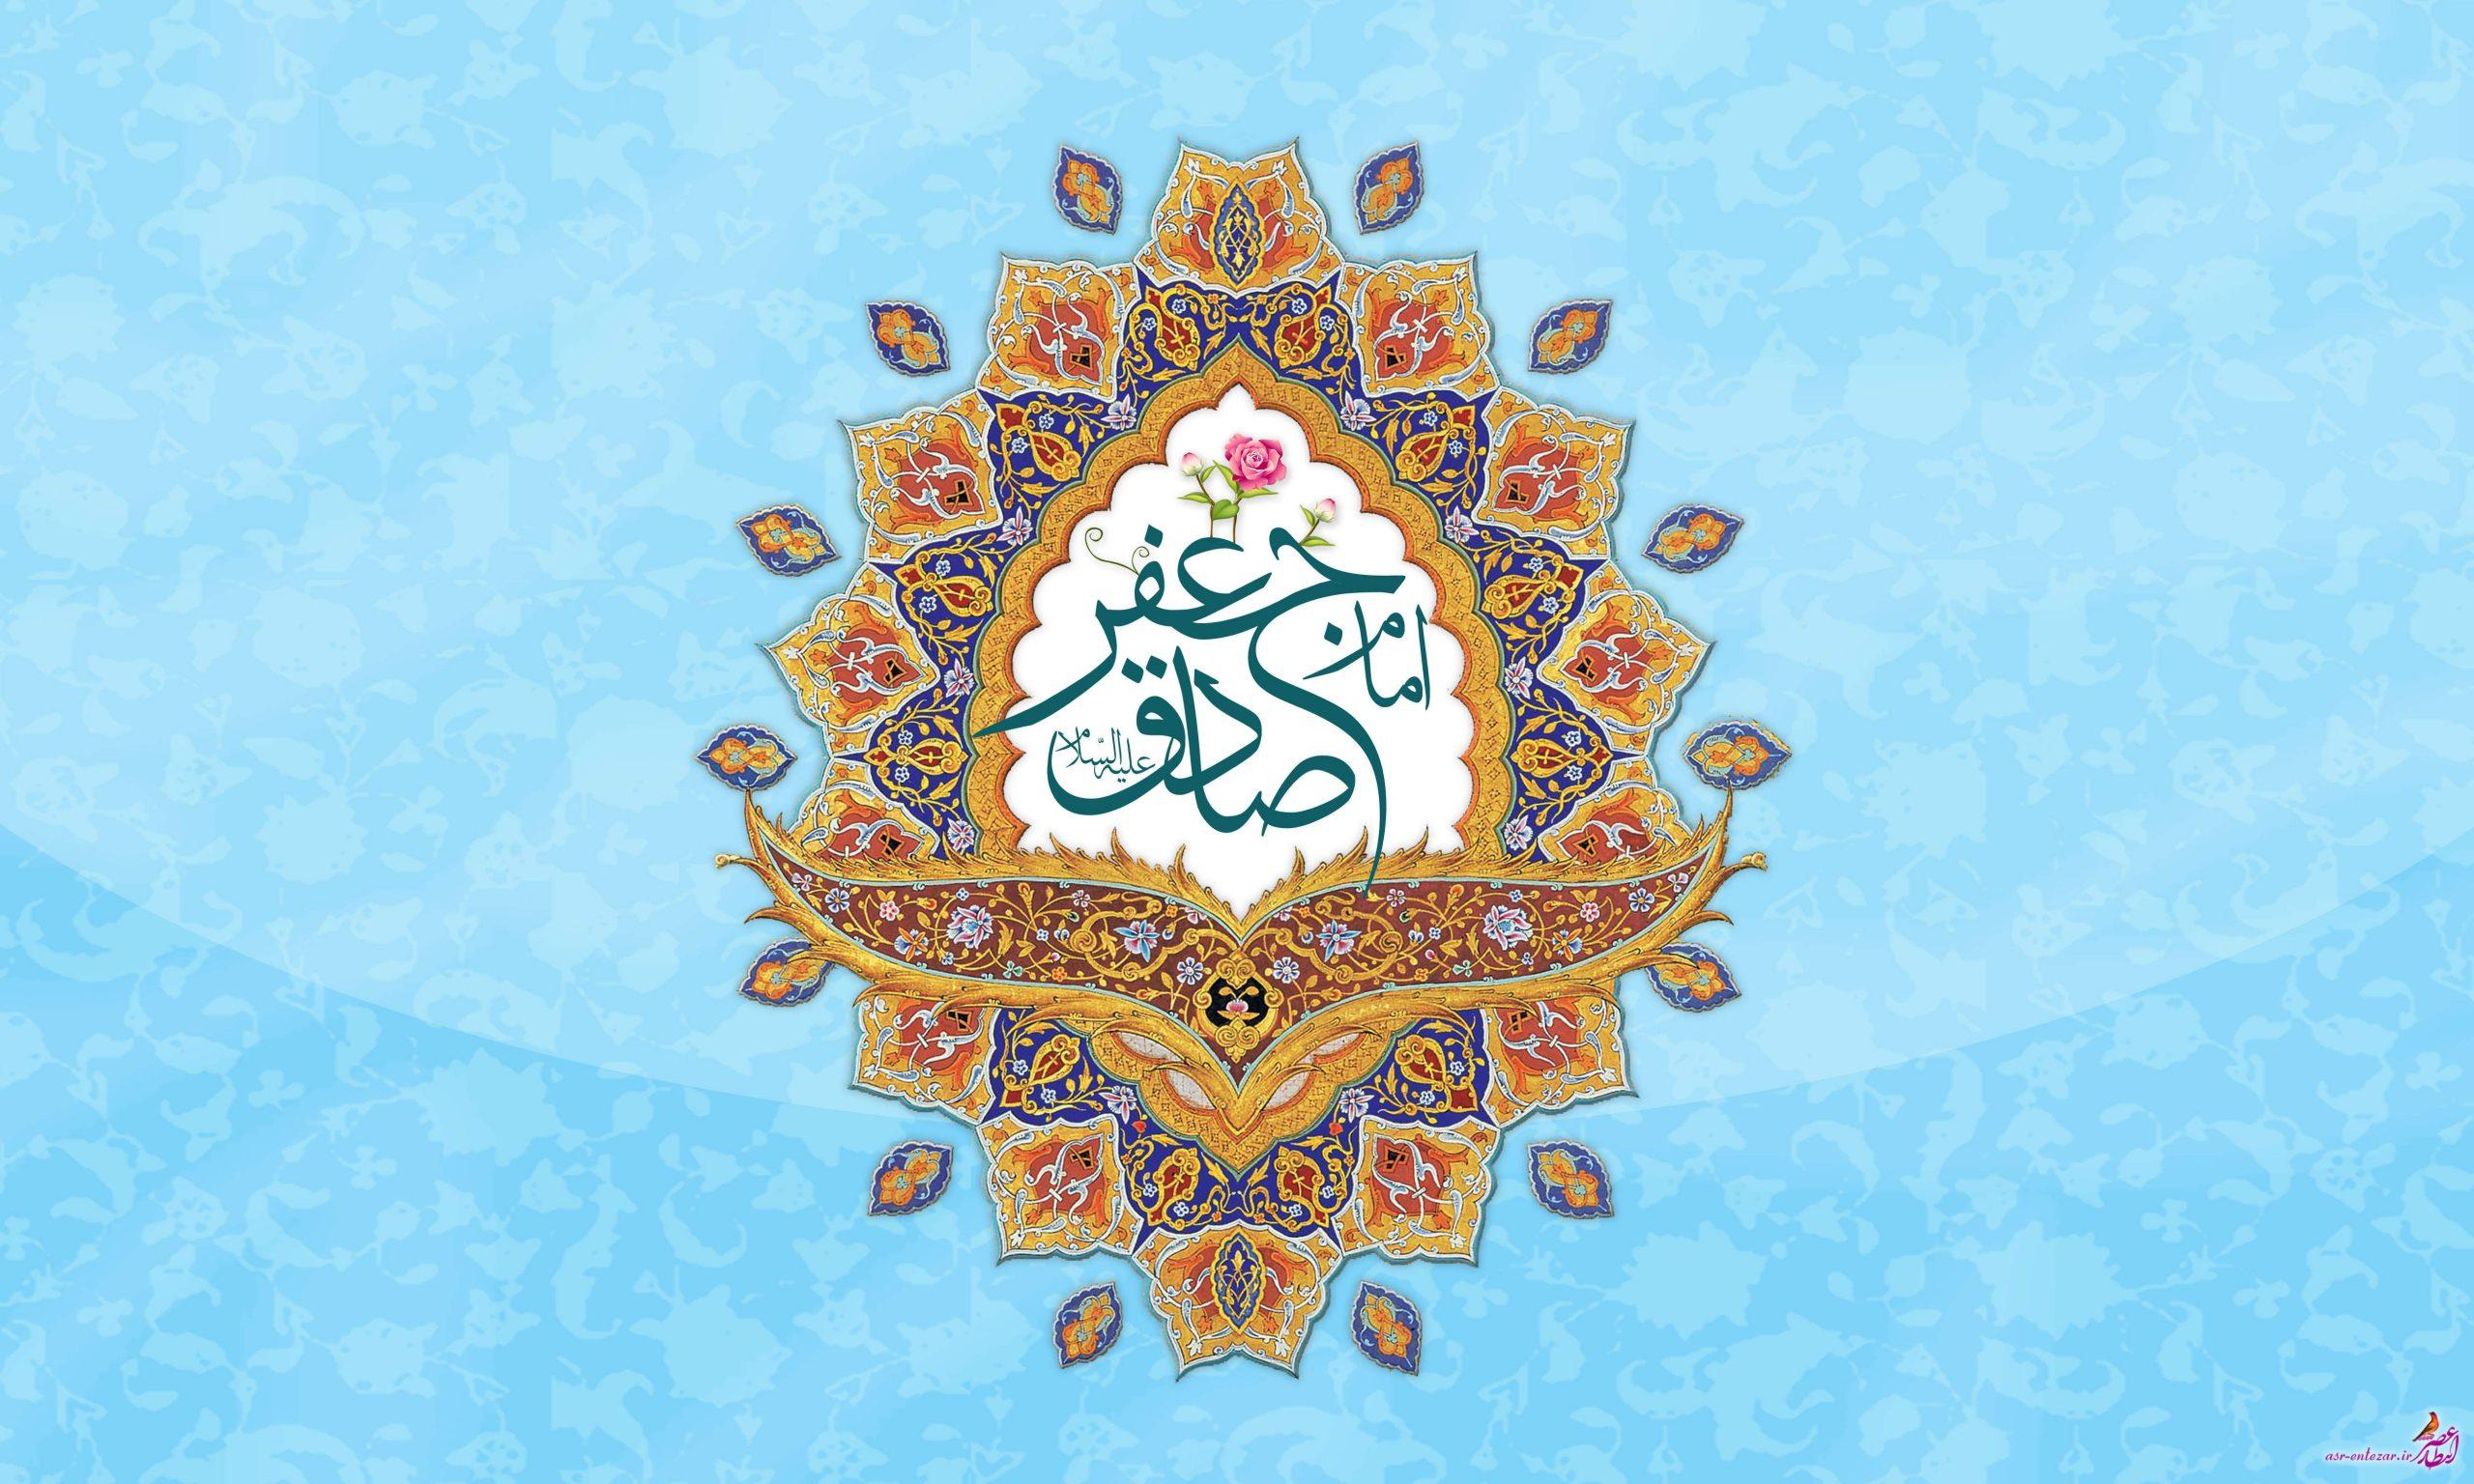 وصیت های خوانده نشده از امام صادق علیه السلام